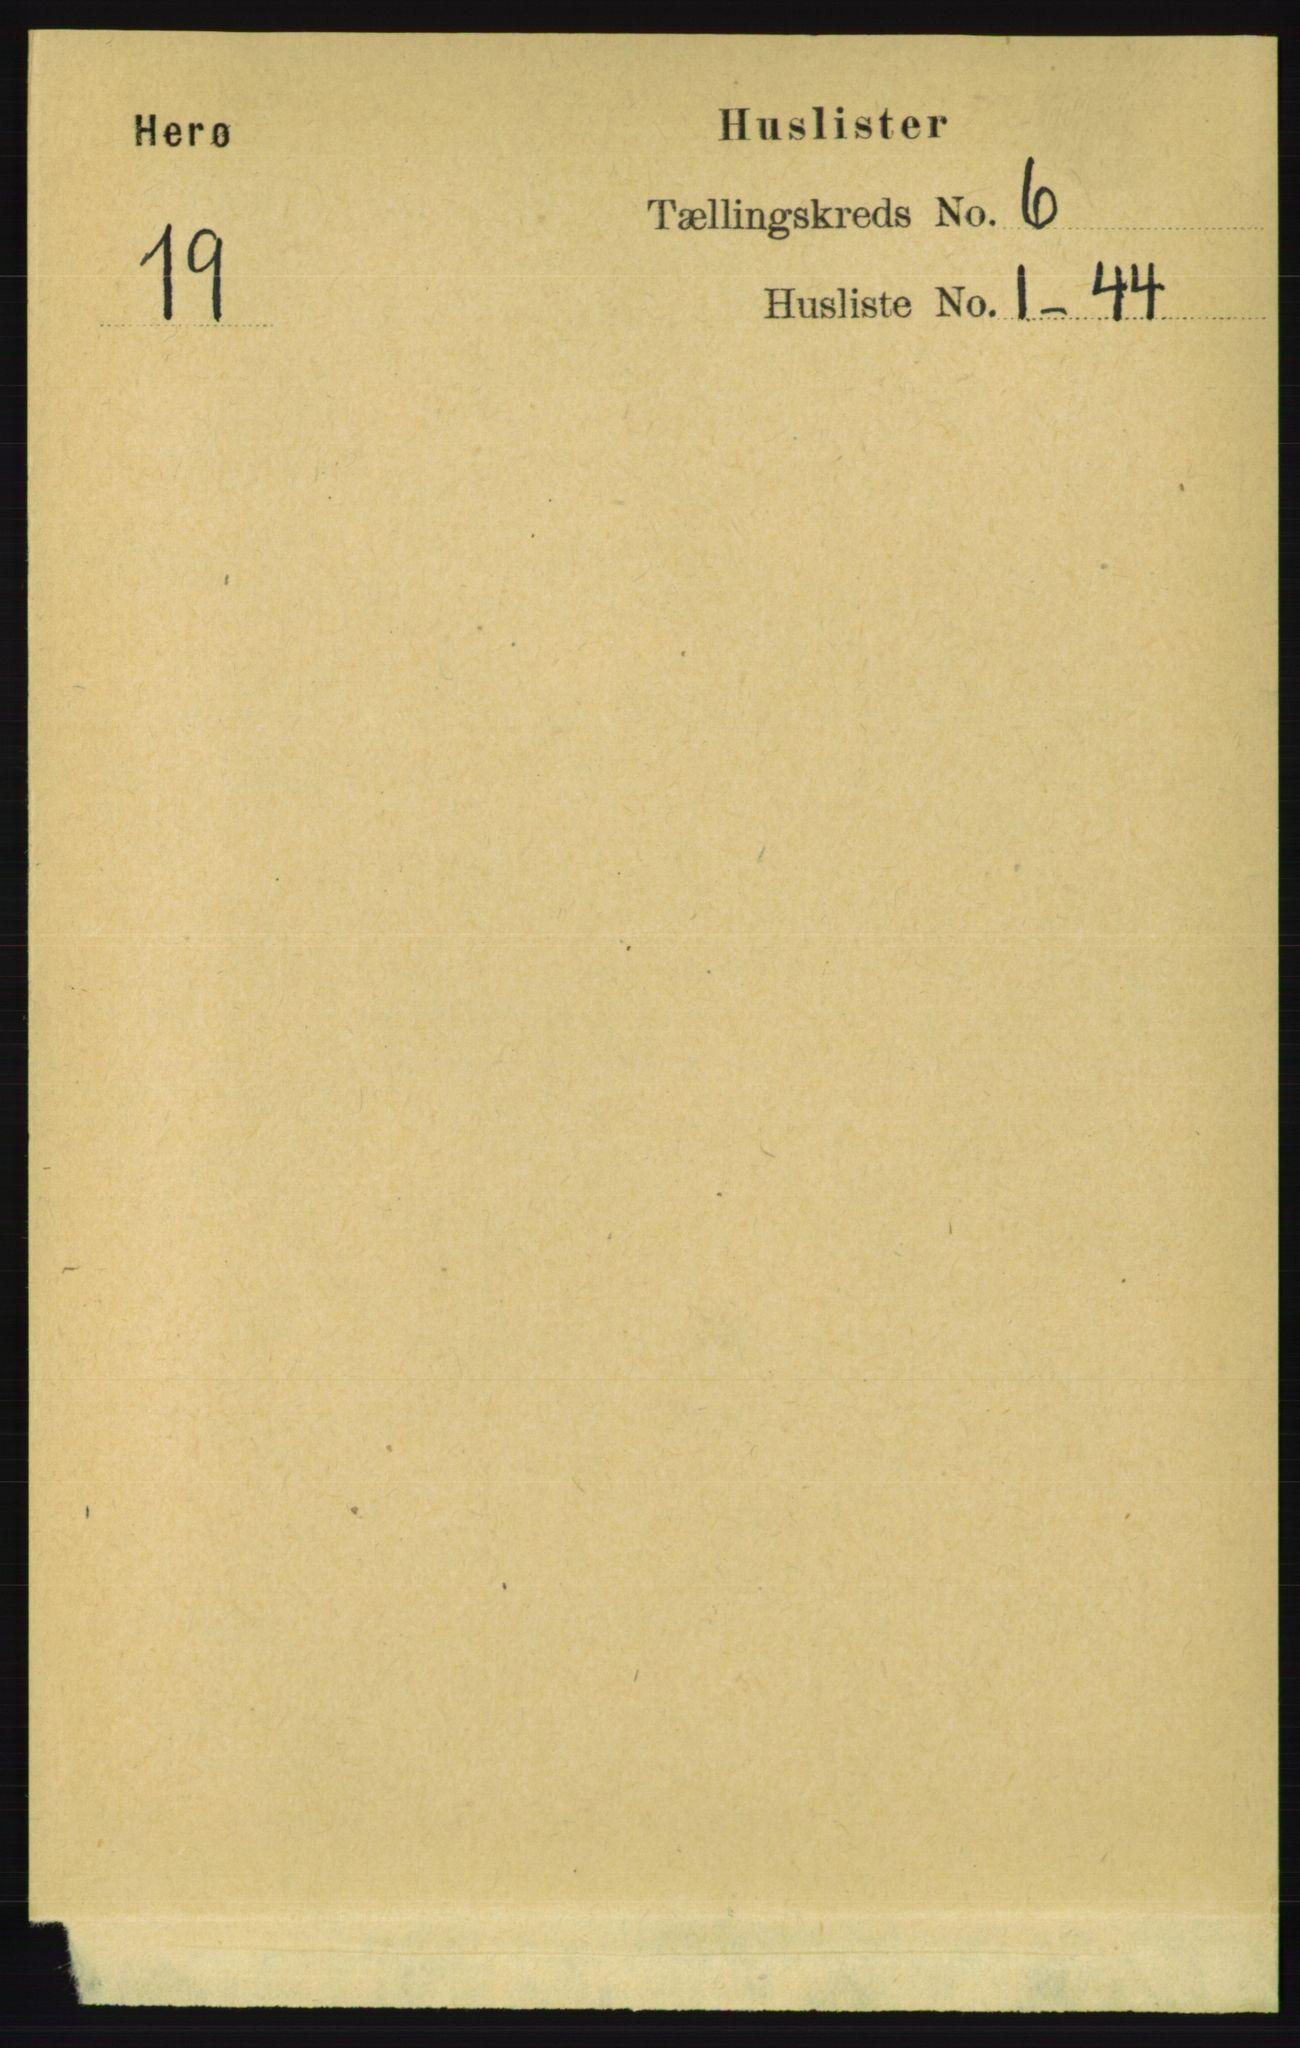 RA, Folketelling 1891 for 1818 Herøy herred, 1891, s. 1869